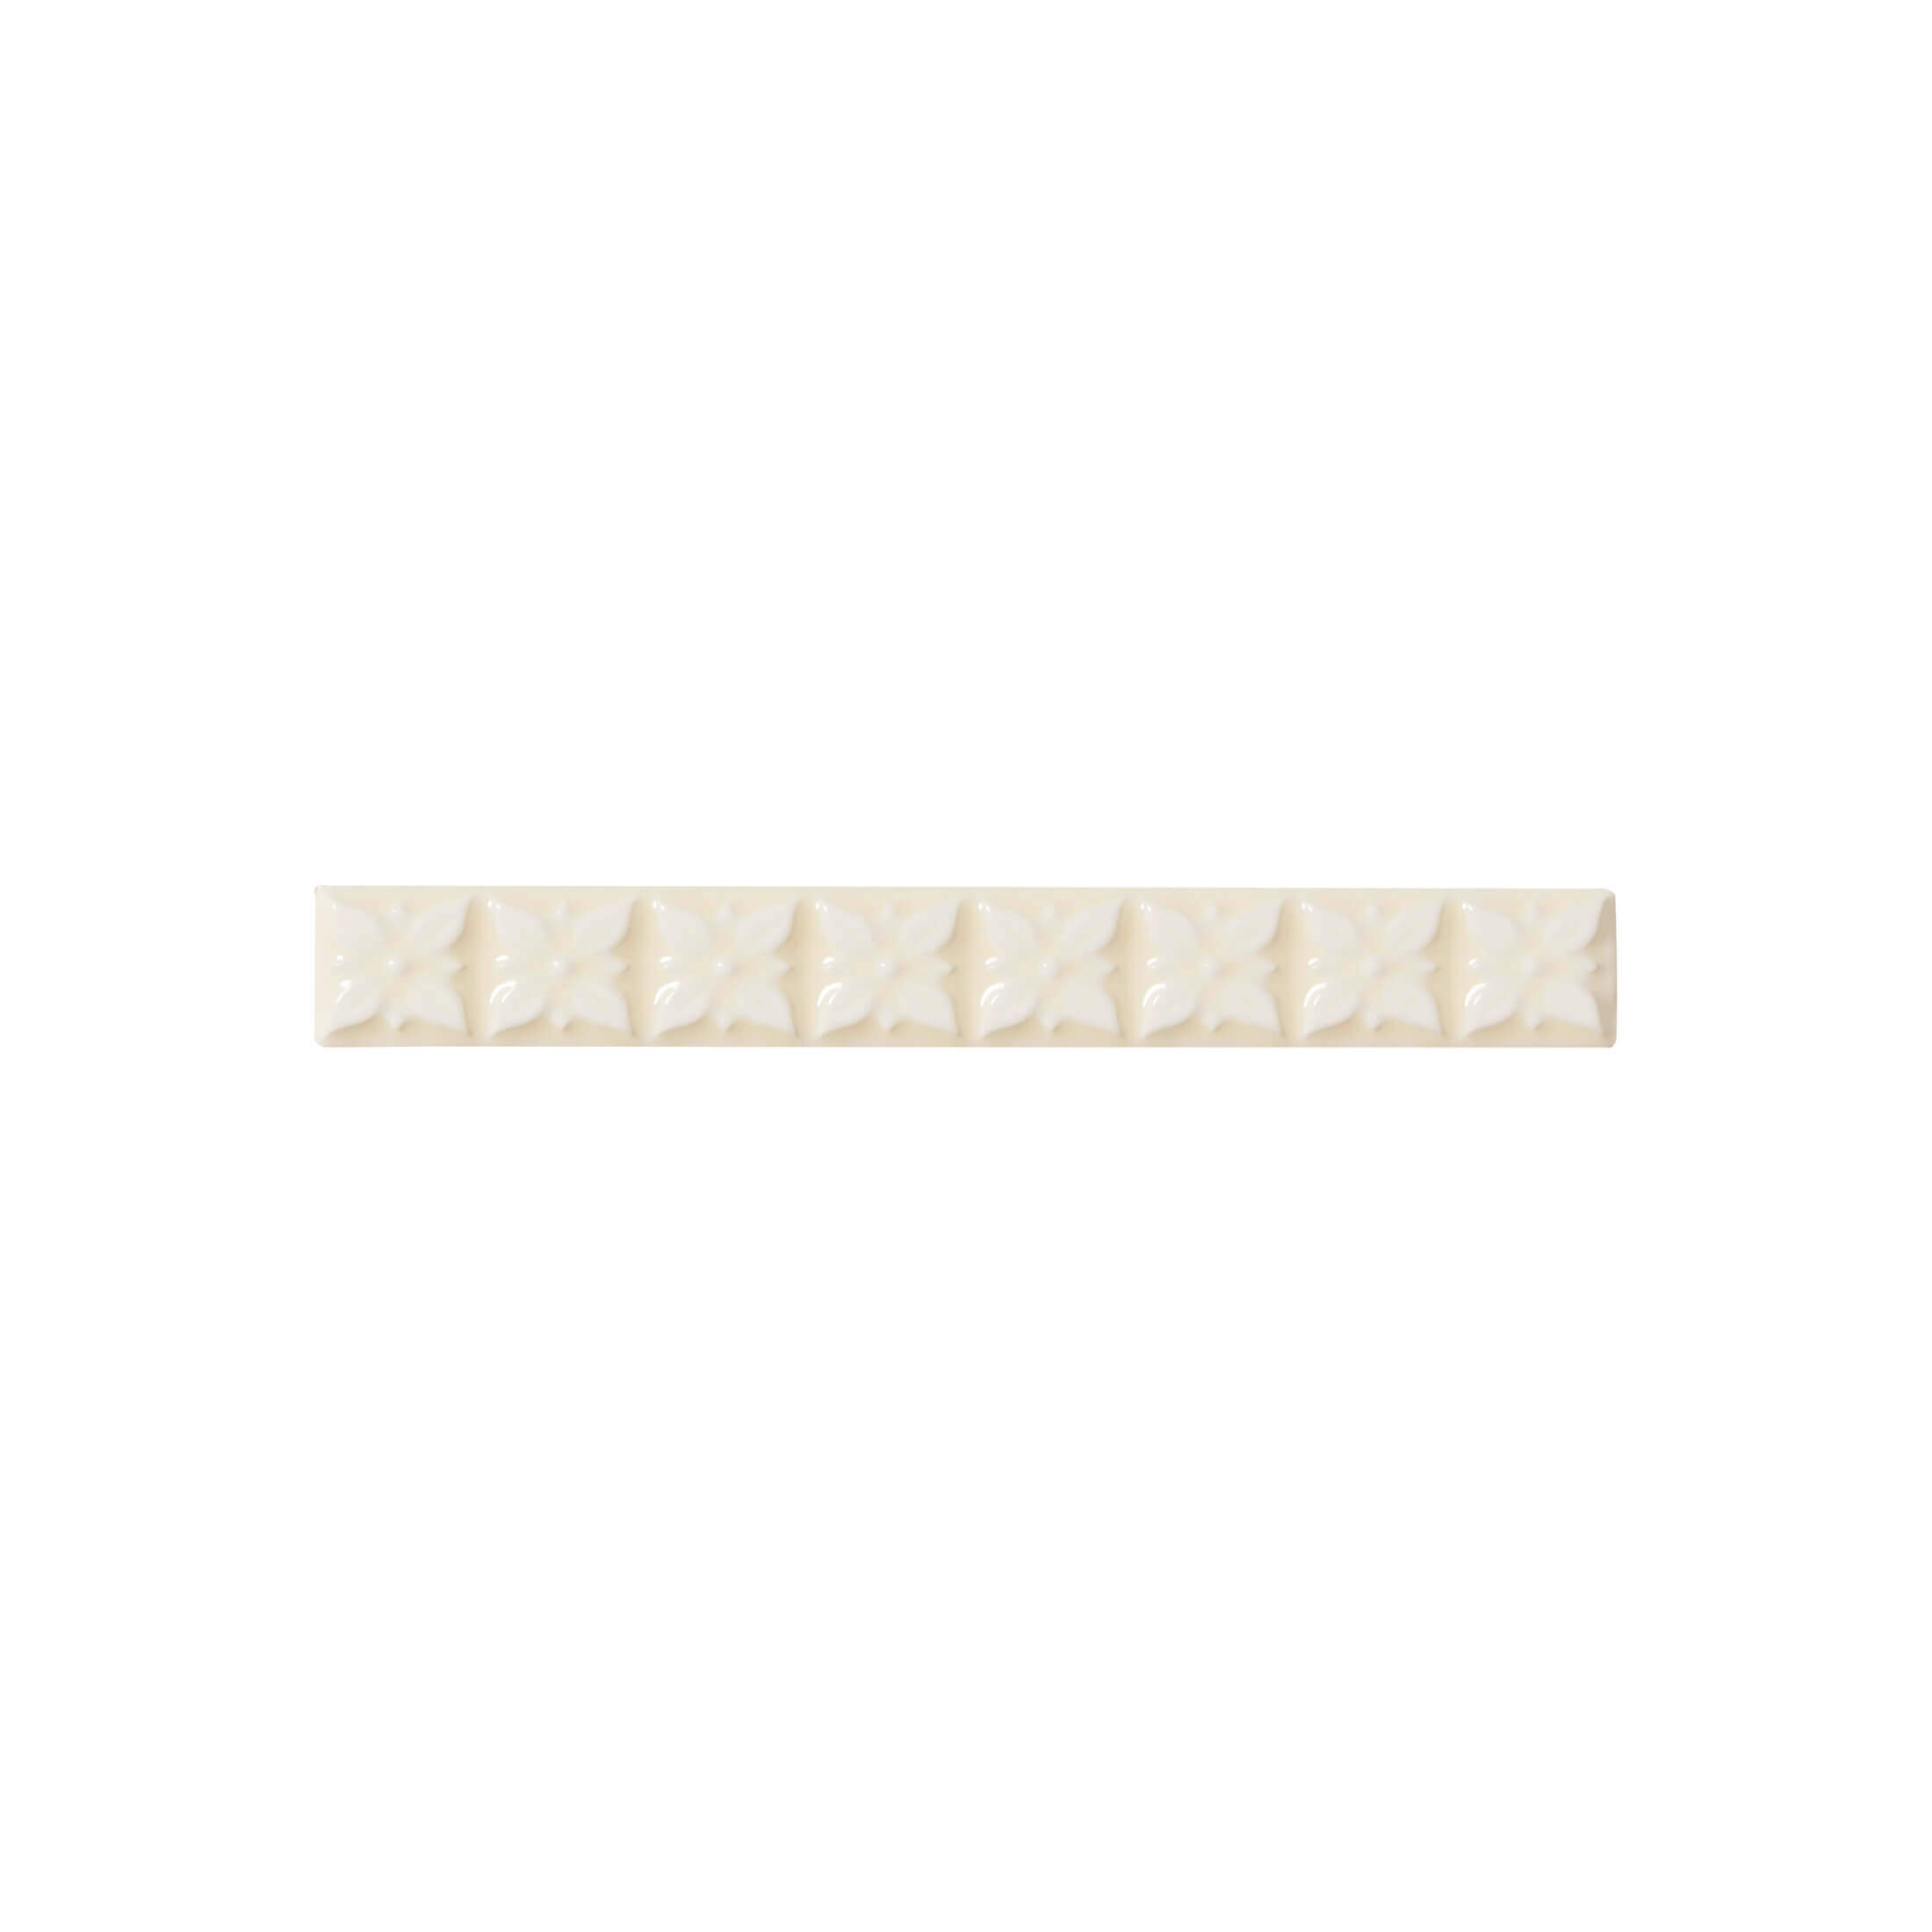 ADST4086 - RELIEVE PONCIANA - 3 cm X 19.8 cm